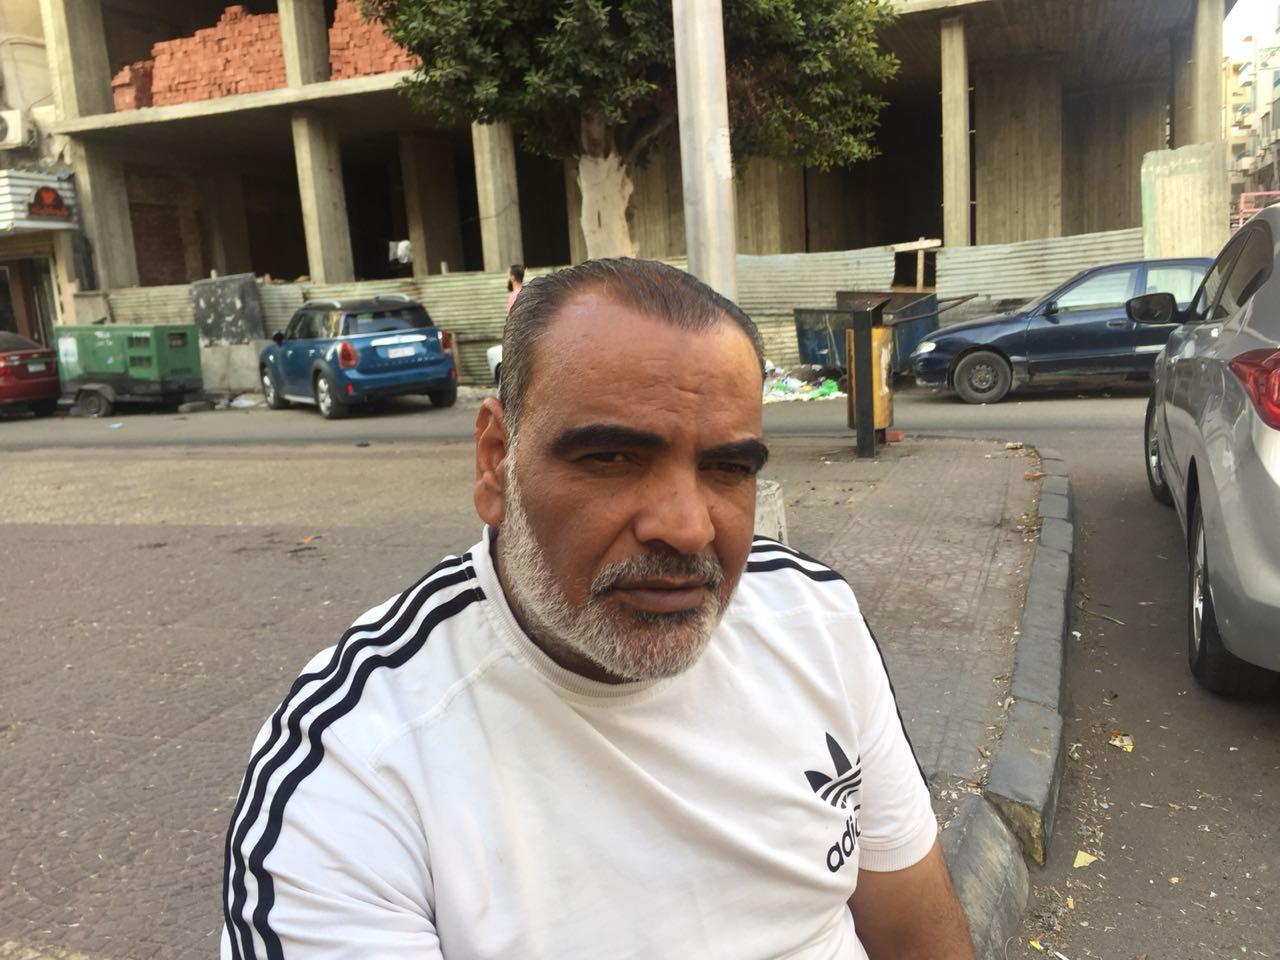 أهالى الإسماعيلية يحددون مطلبهم من محافظ الإسماعيلية الجديد (5)